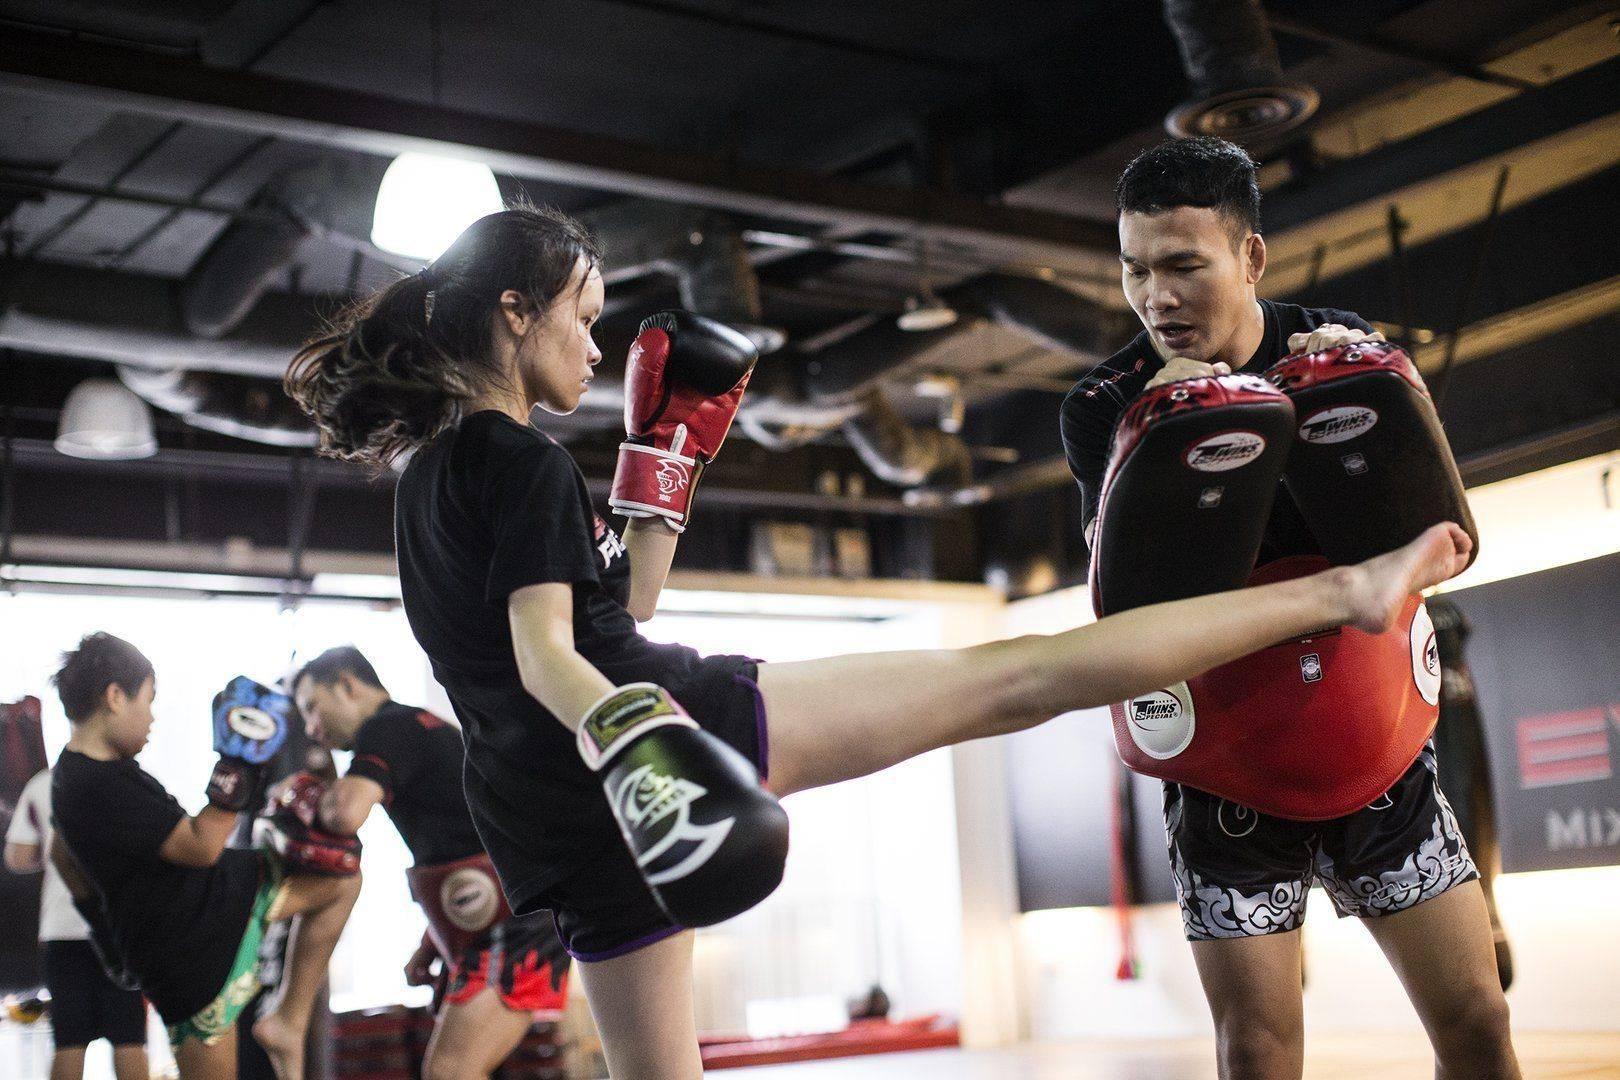 Пот и кровь: сергей бразил из brutto о тайском боксе - новости киева на бж